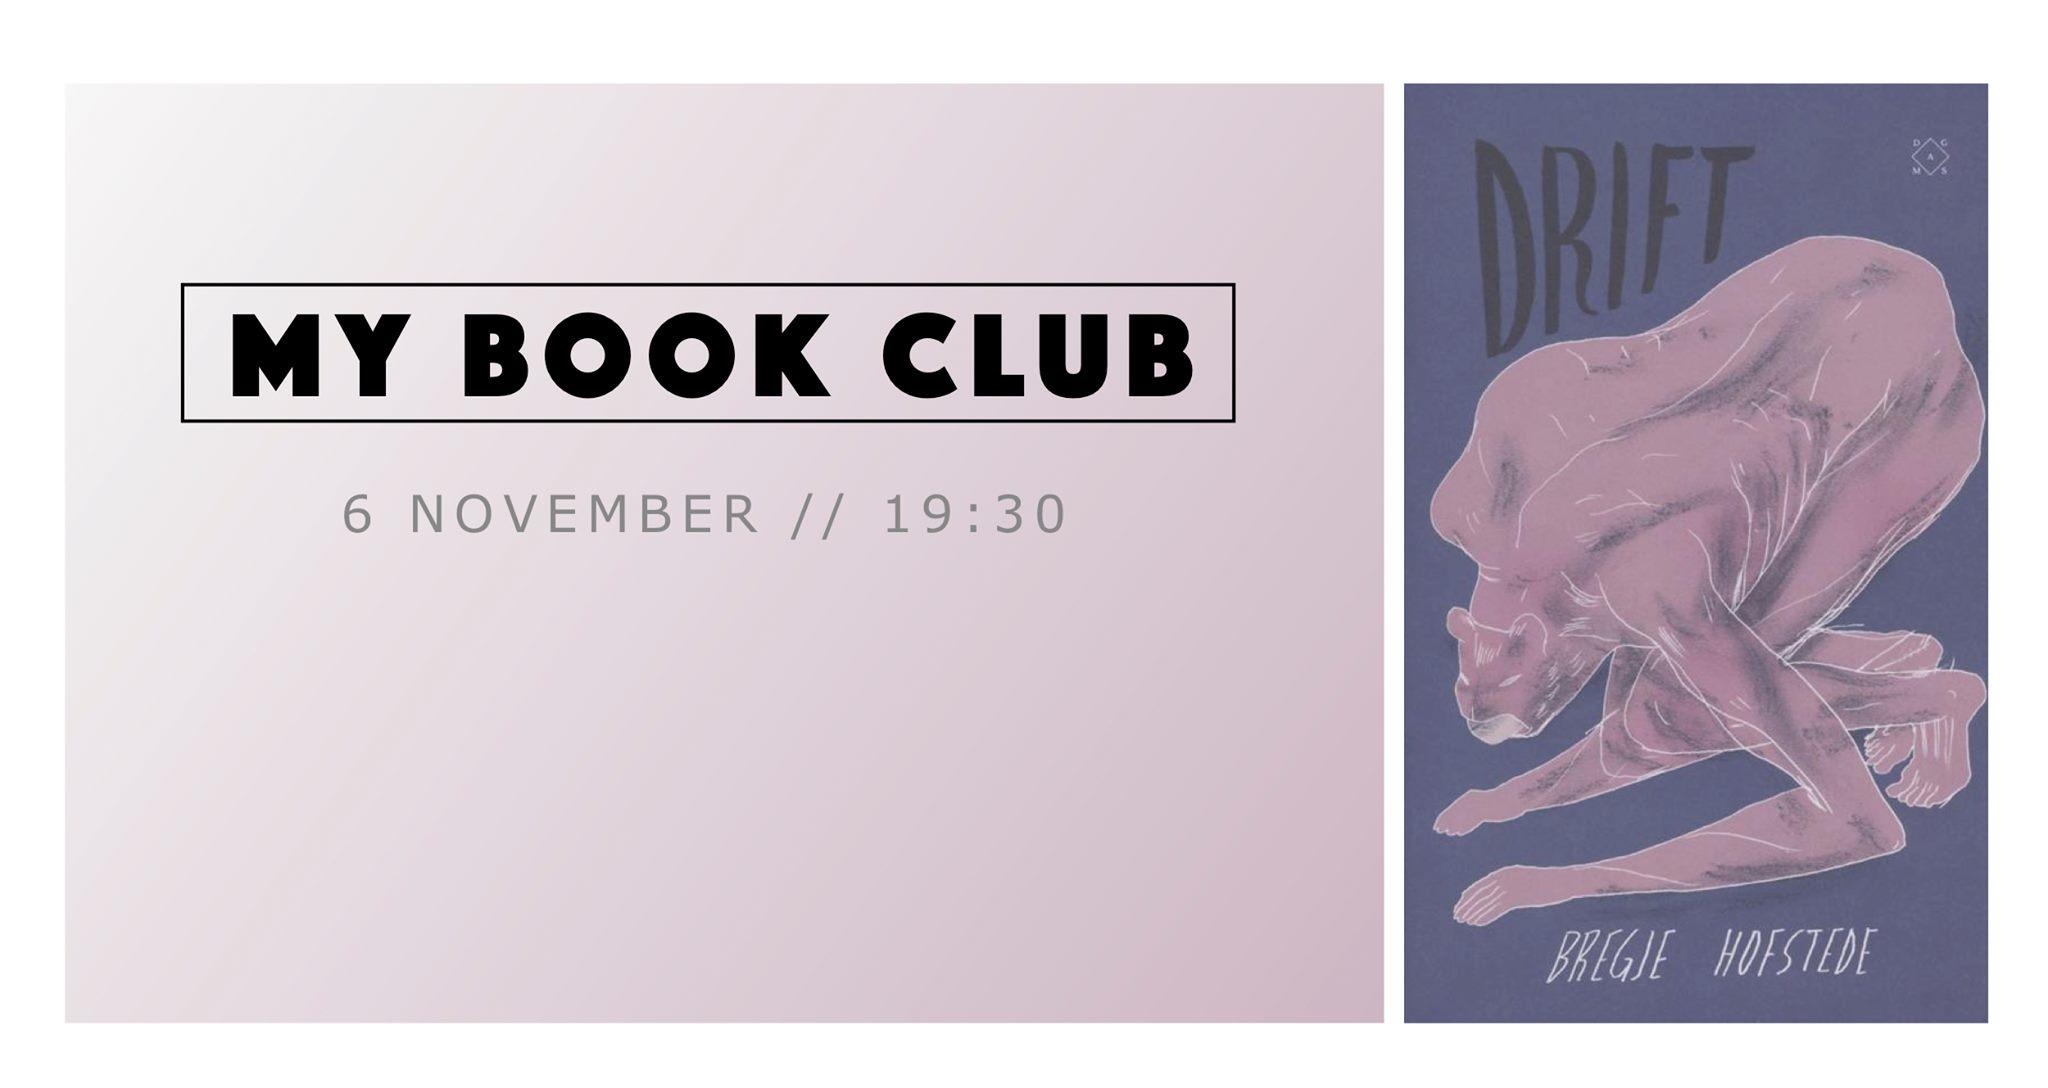 My Book Club: Drift